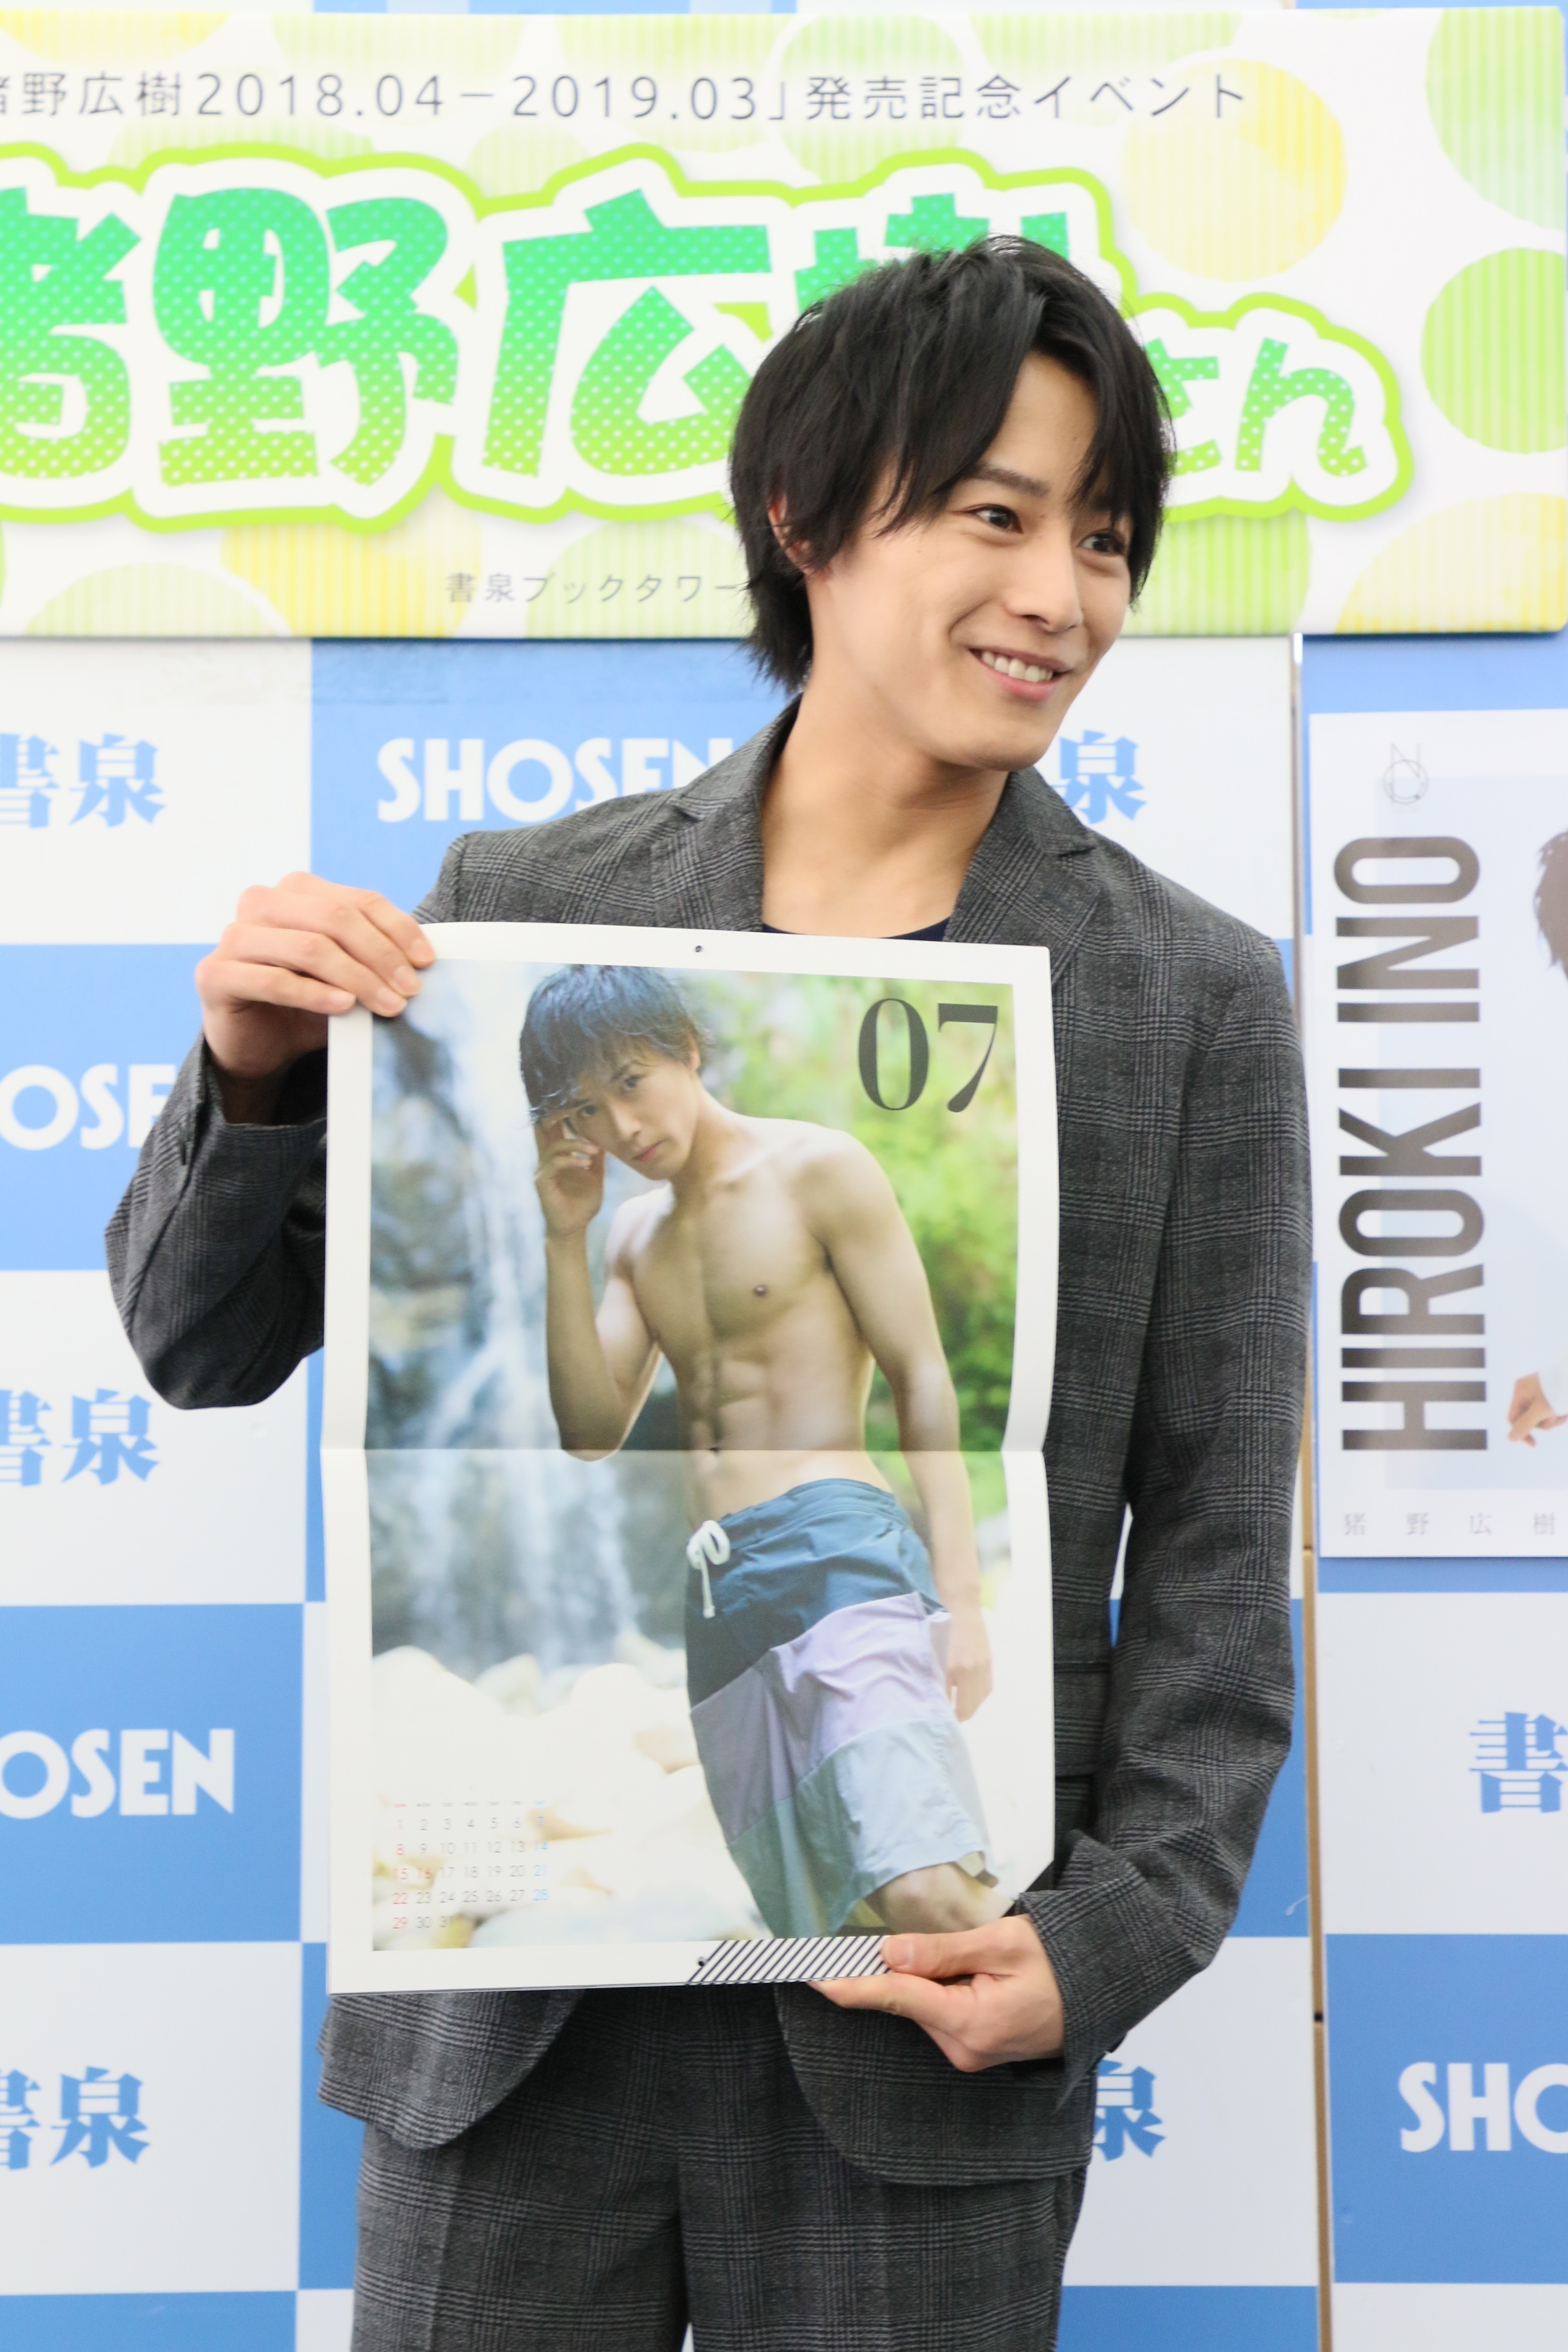 「猪野広樹カレンダー2018.04-2019.03」(東京ニュース通信社刊)